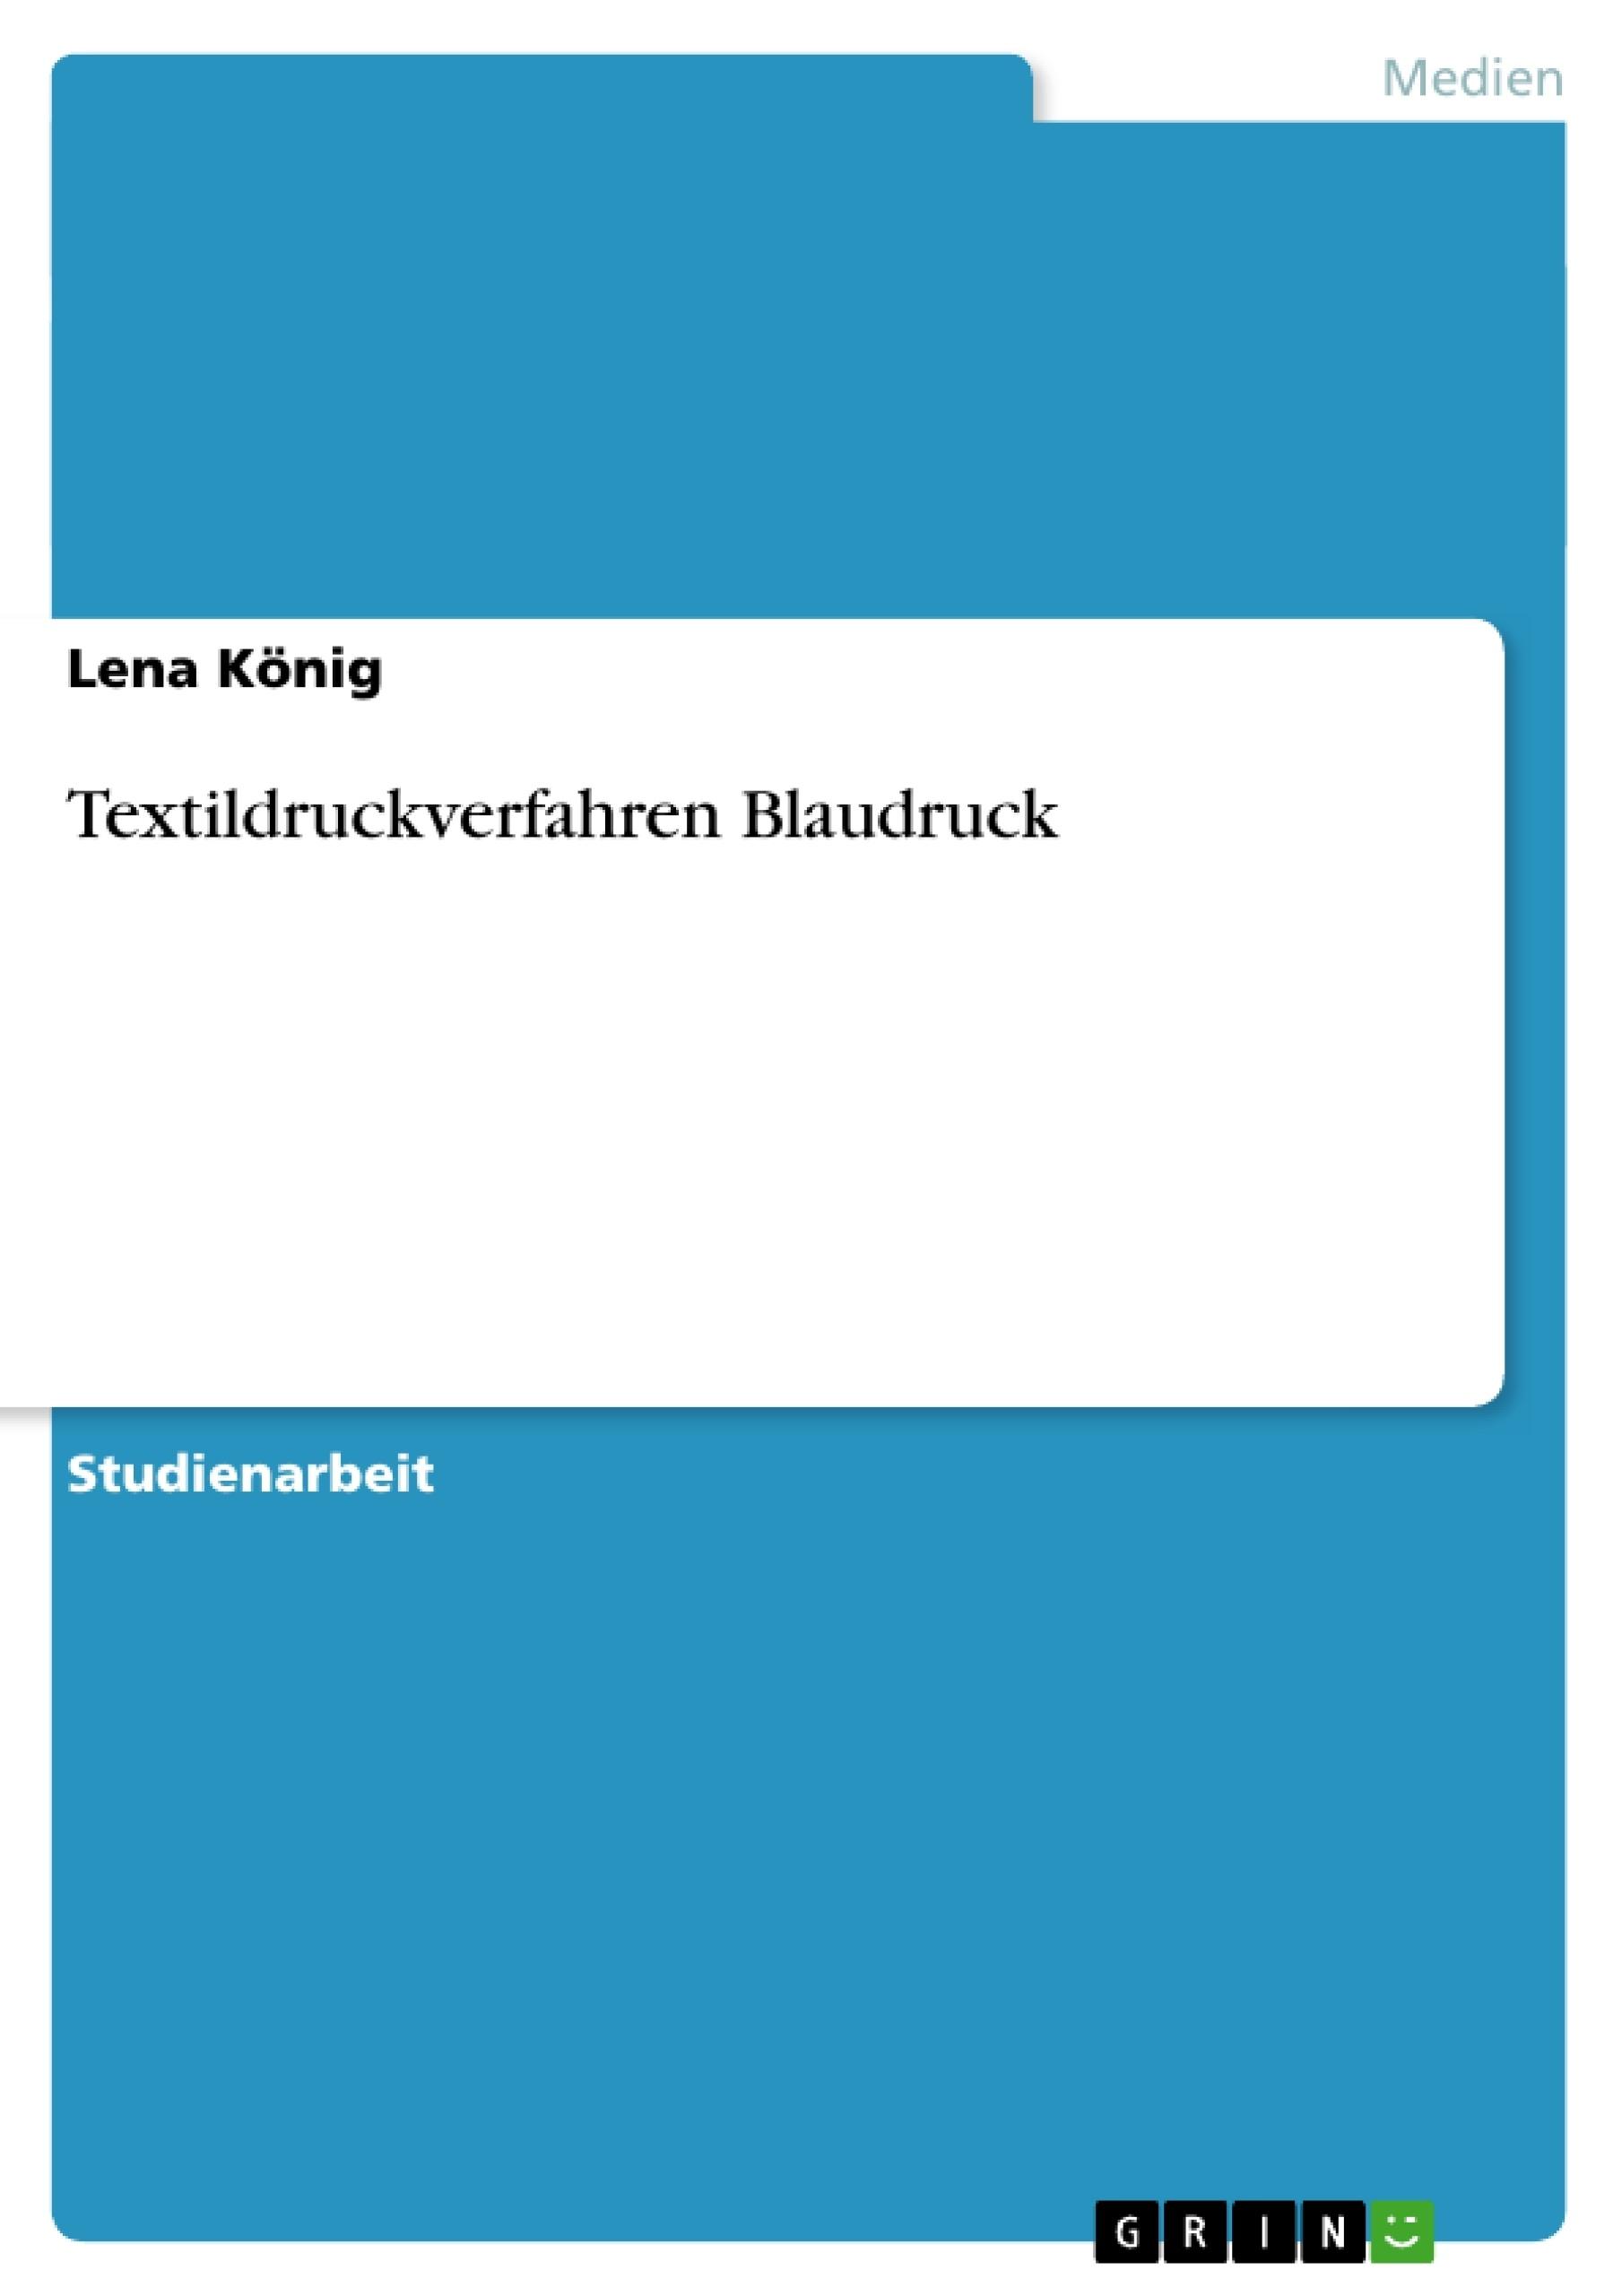 Titel: Textildruckverfahren Blaudruck